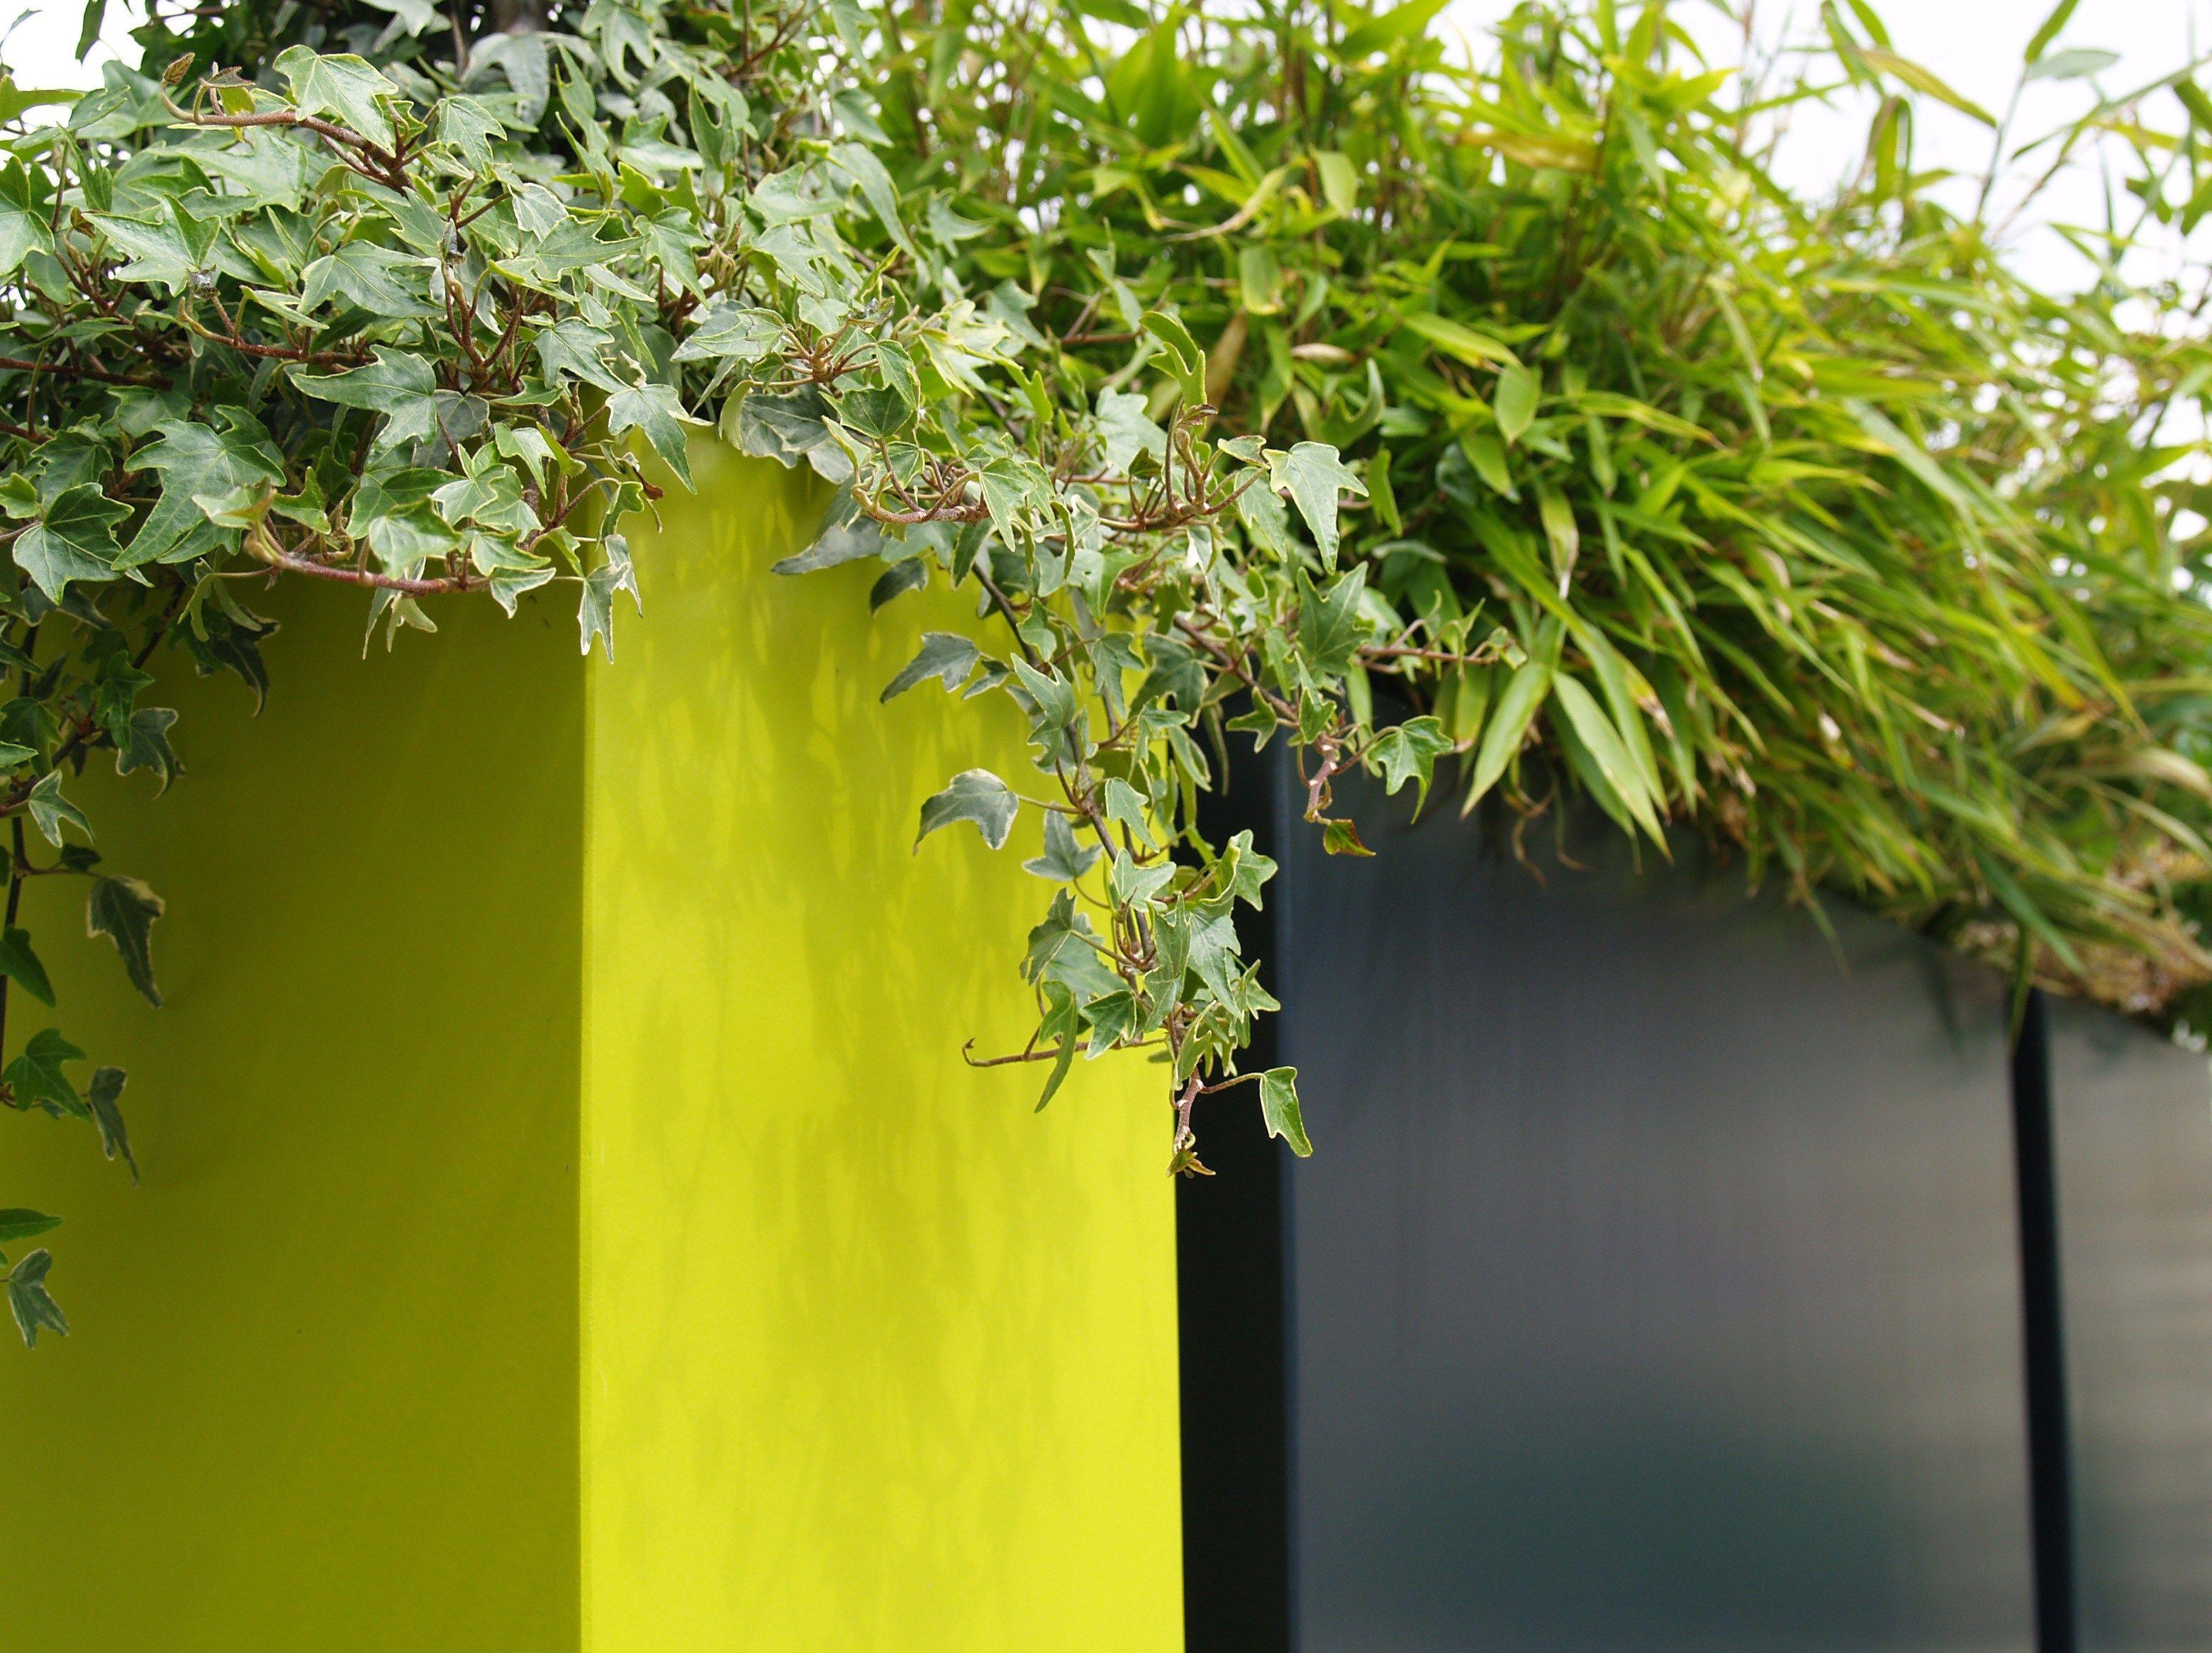 Blumenkasten Aus Faserzement Irf By Image'in Design Fabien Joly Designer Pflanzkubel Faserzement